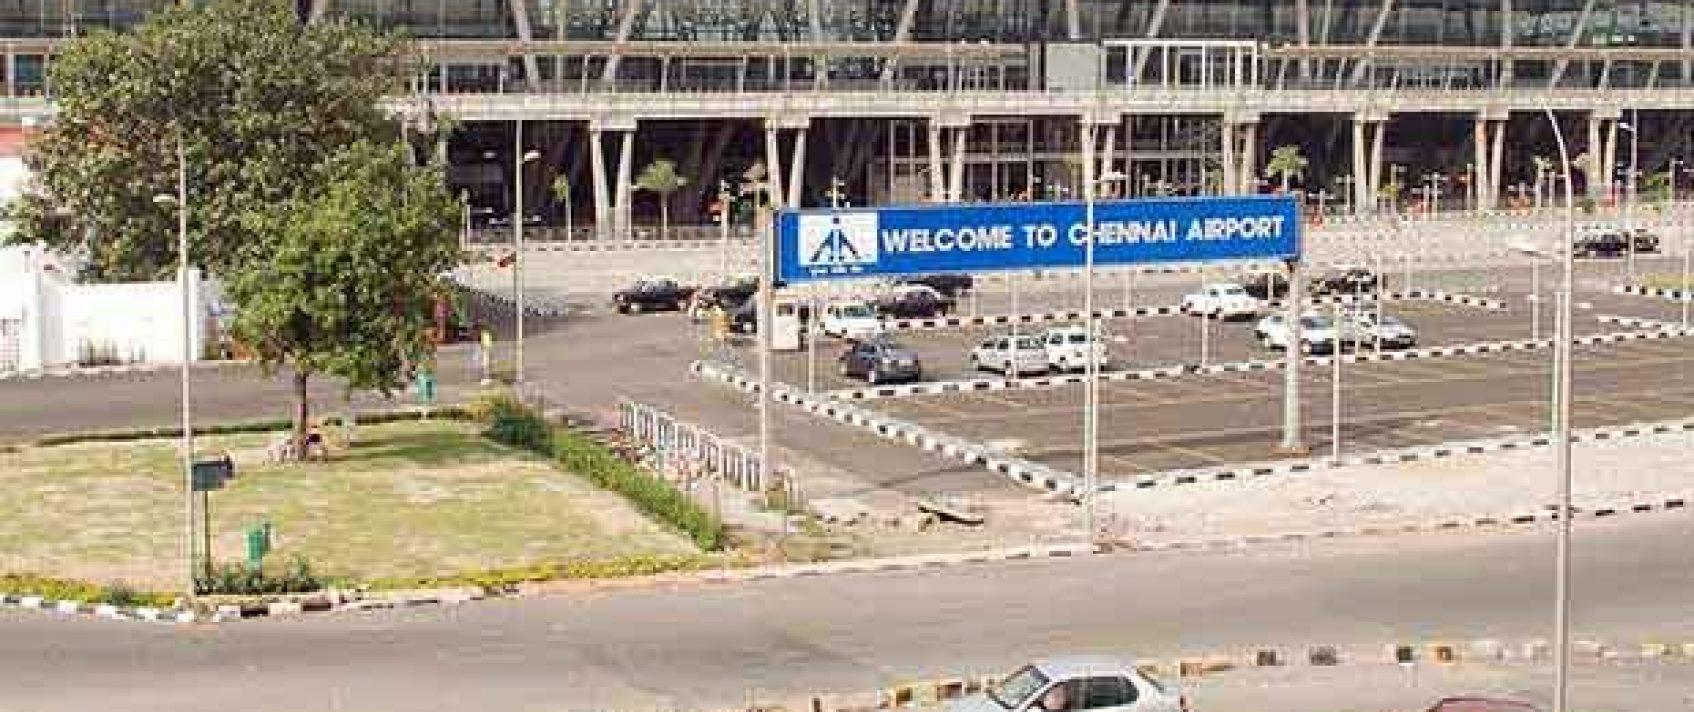 AIR FREIGHT FORWARDER IN CHENNAI – APT LOGISTICS